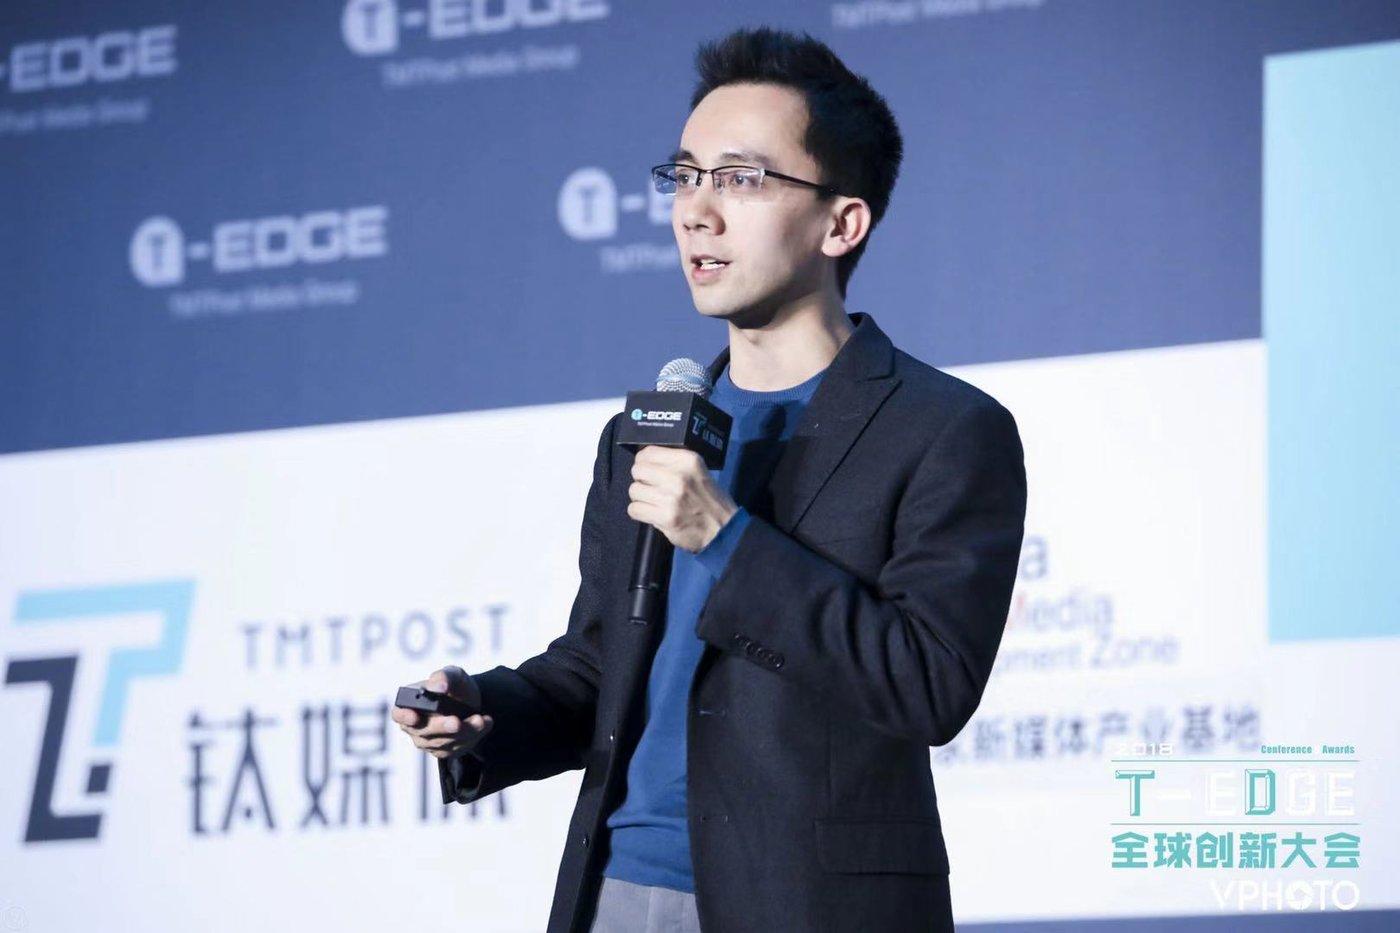 Auto X肖健雄在2018 T-EDGE 全球创新大会